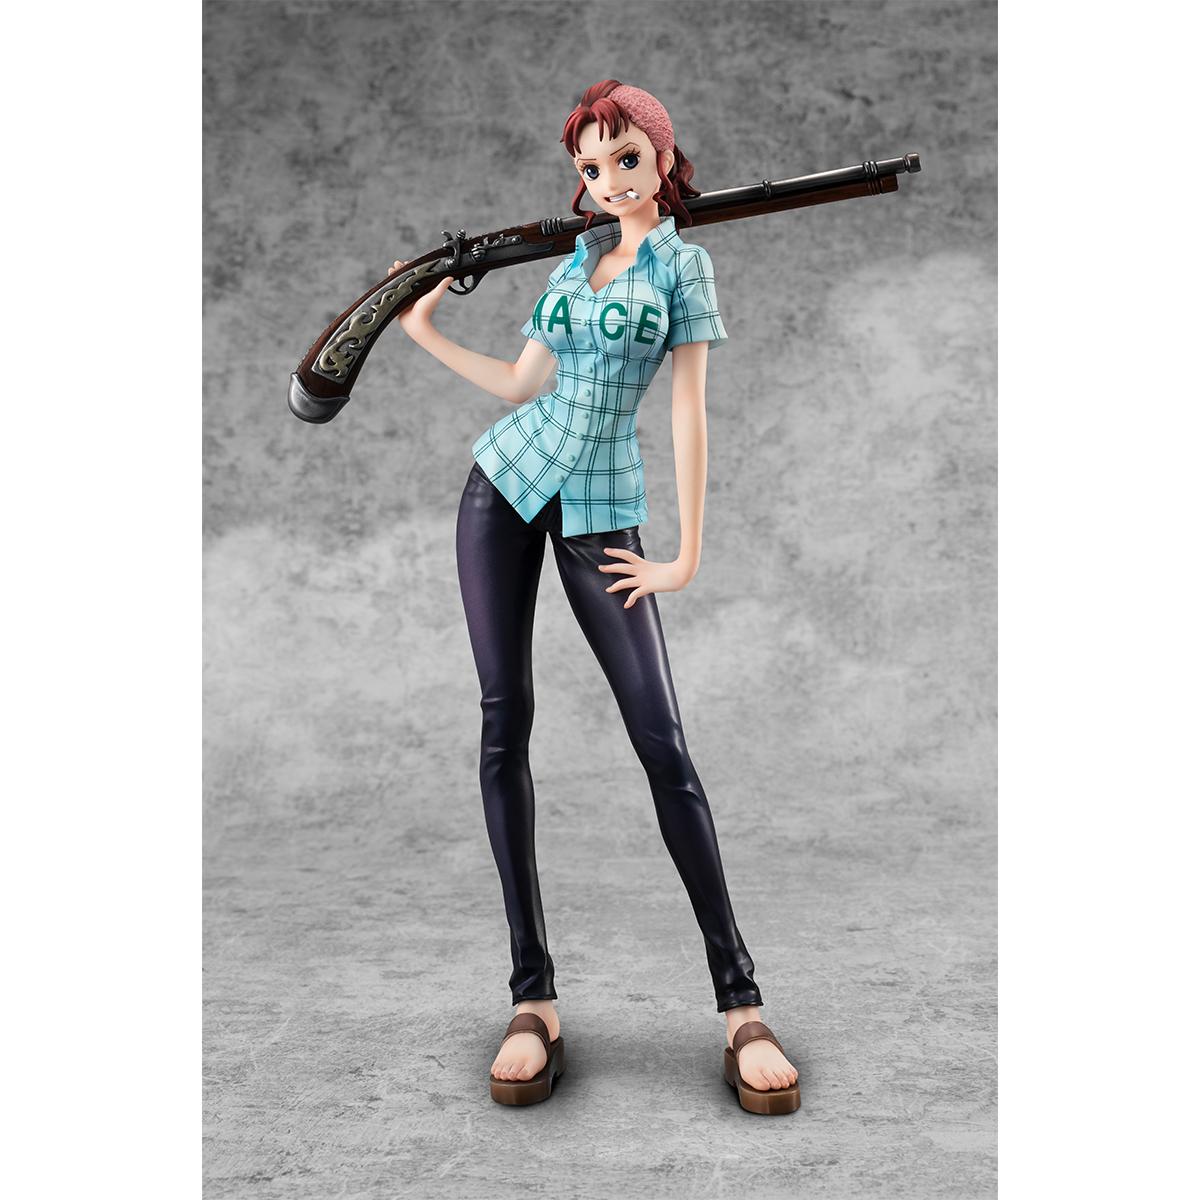 Figurine de Bell-mère de One Piece